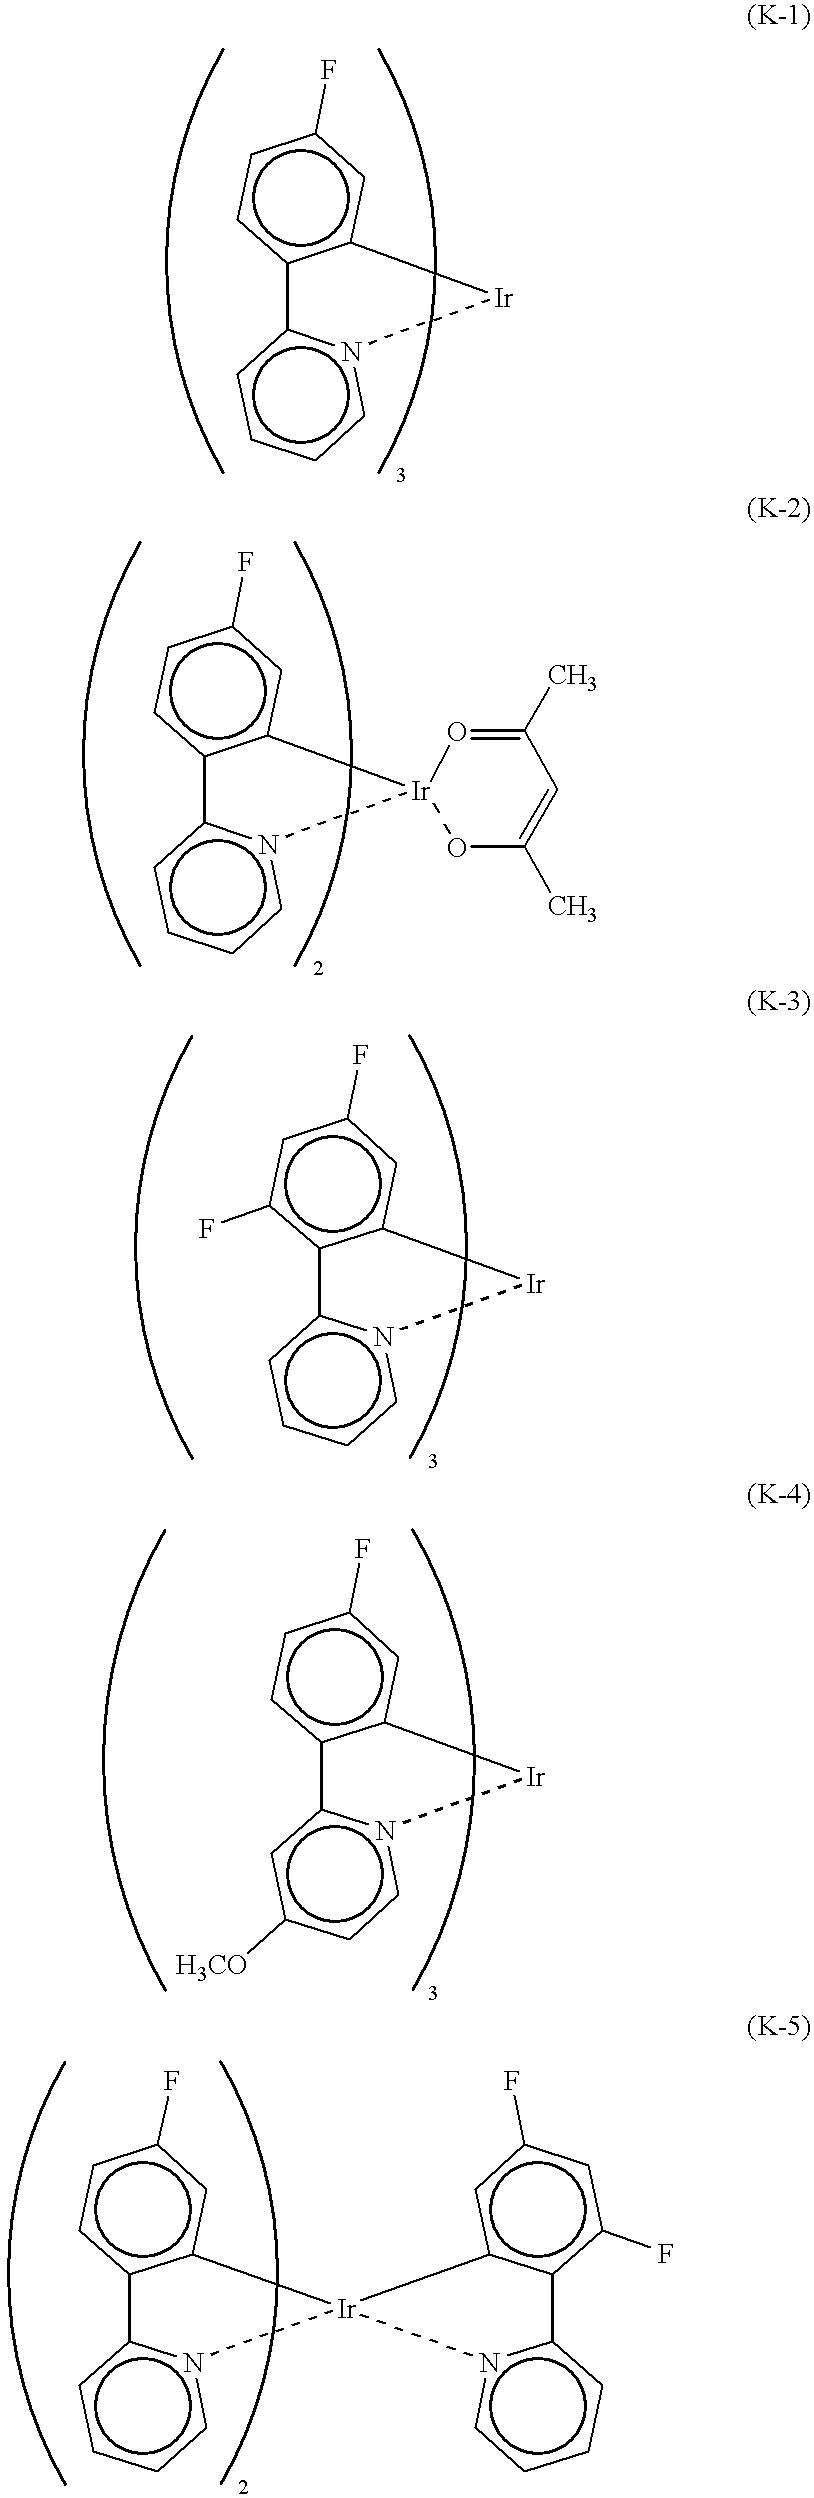 Figure US07306856-20071211-C00008